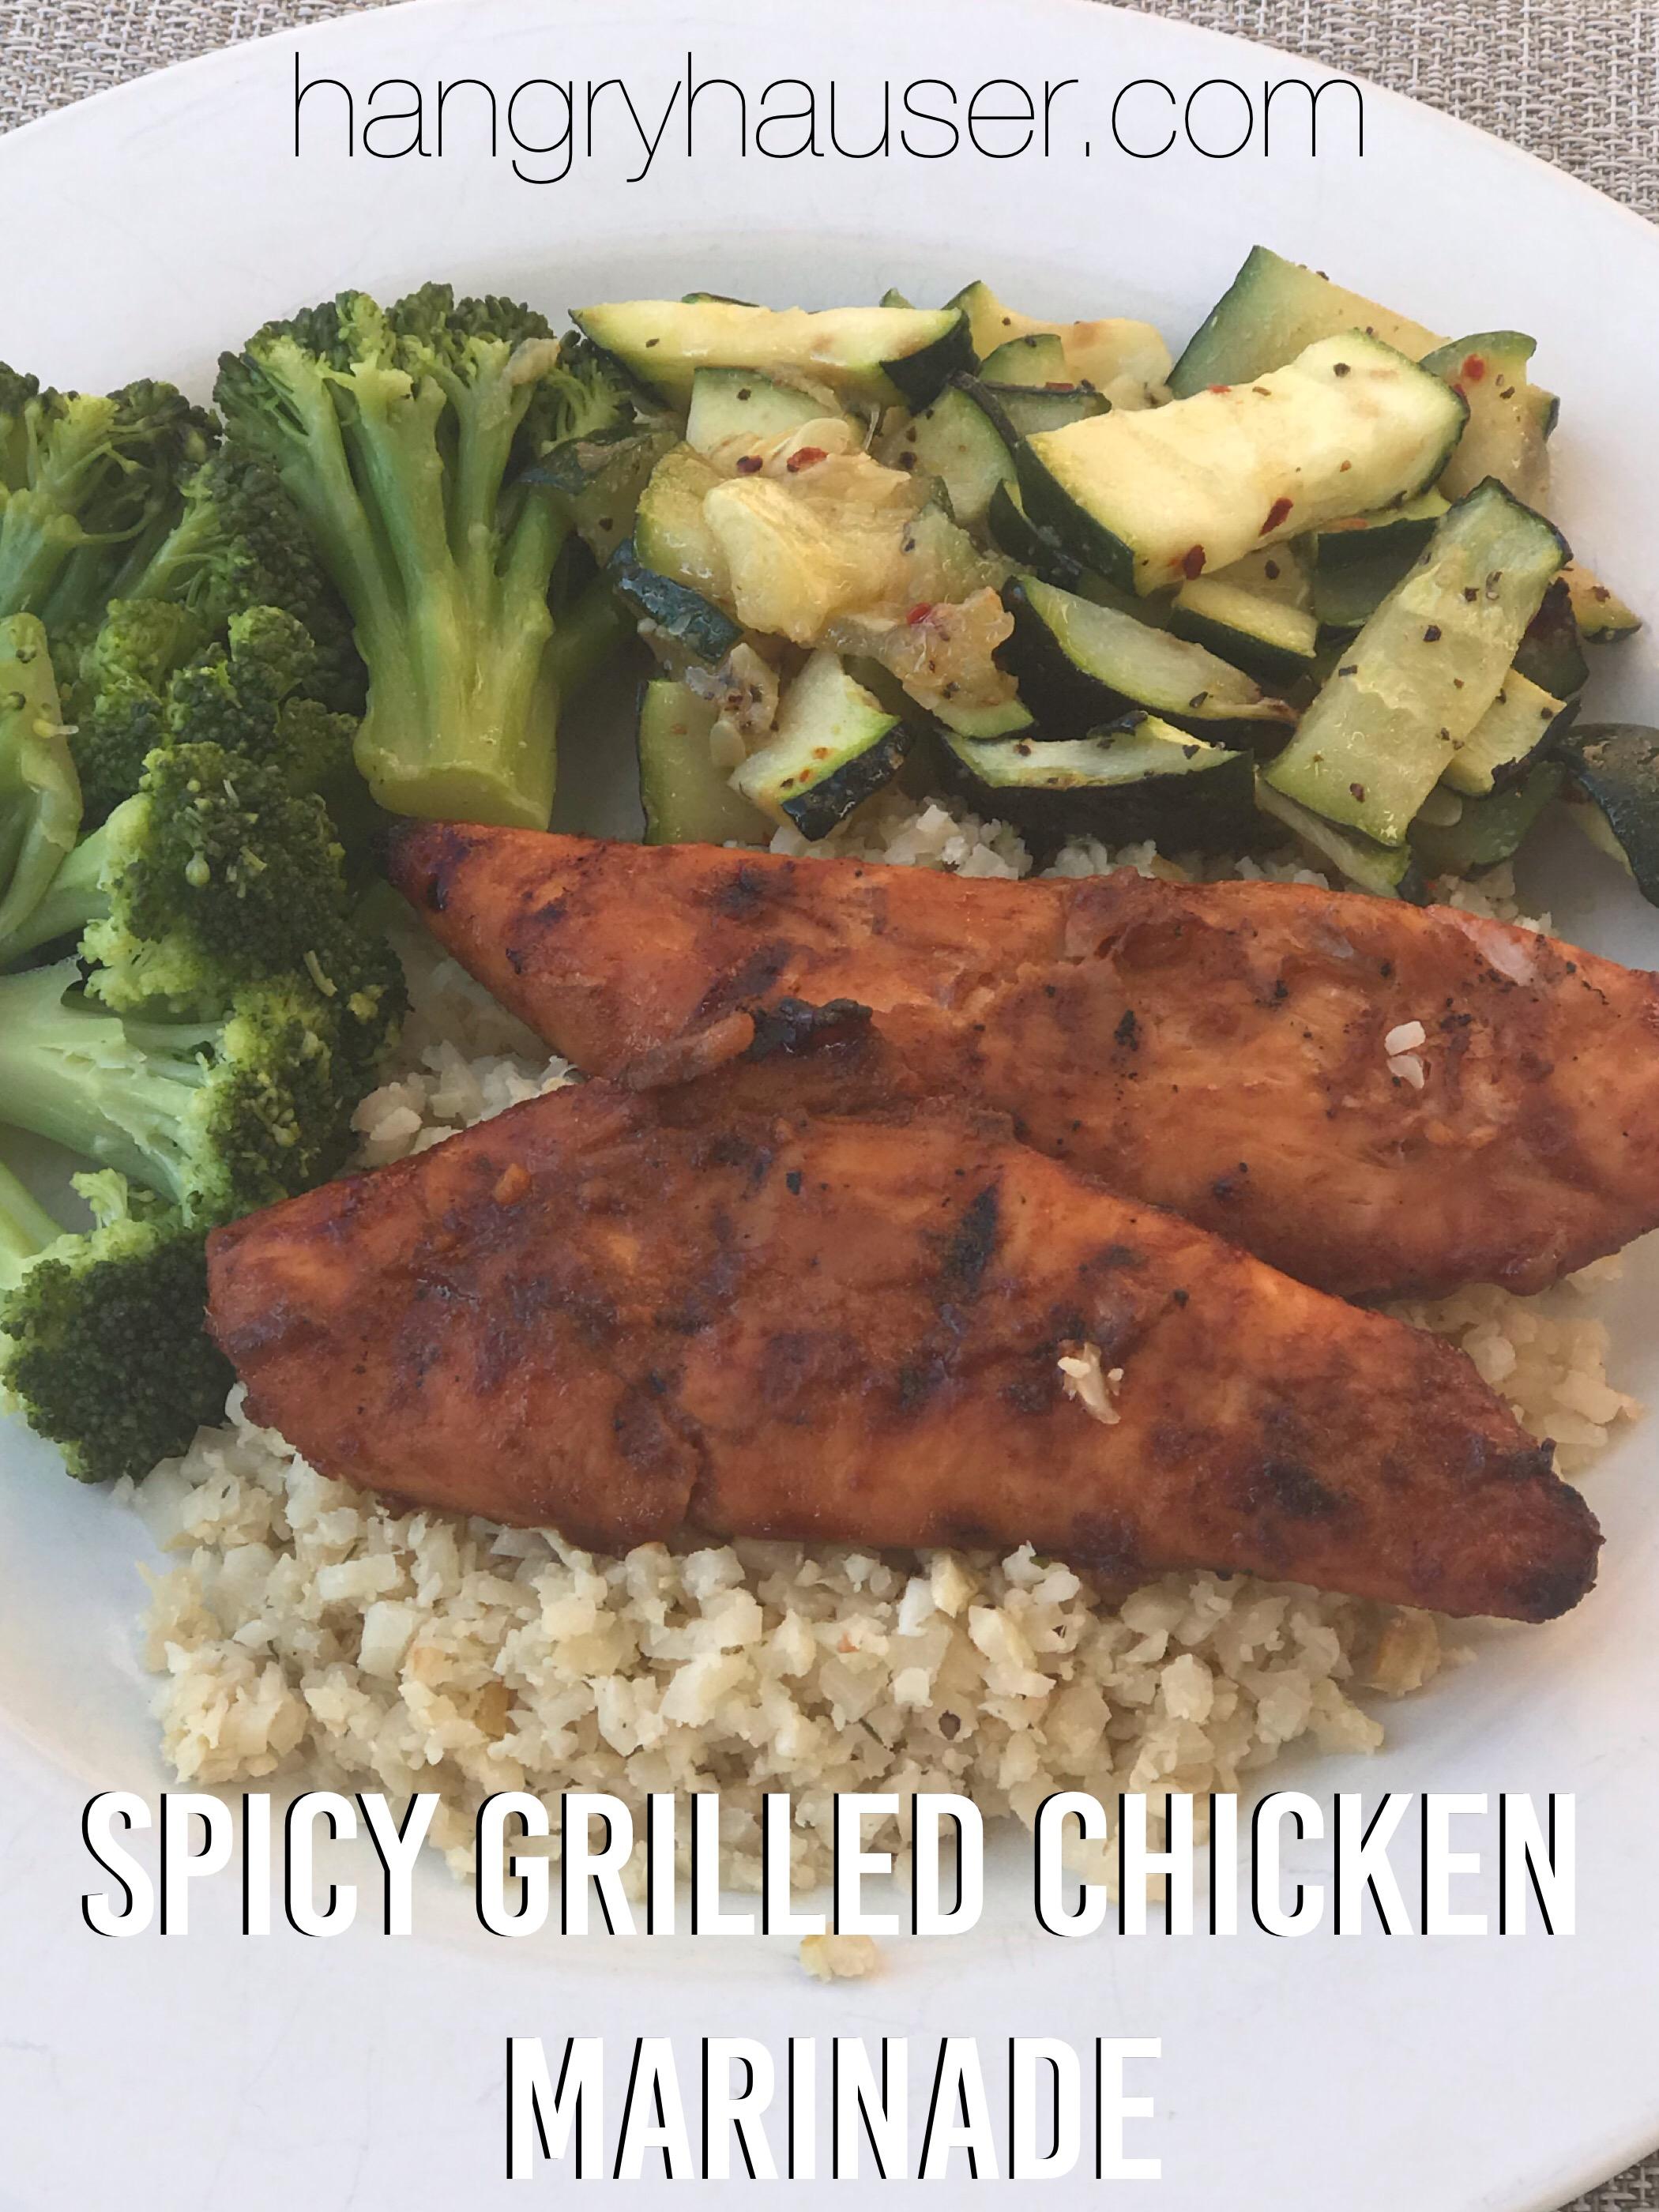 Spicy Grilled Chicken Marinade